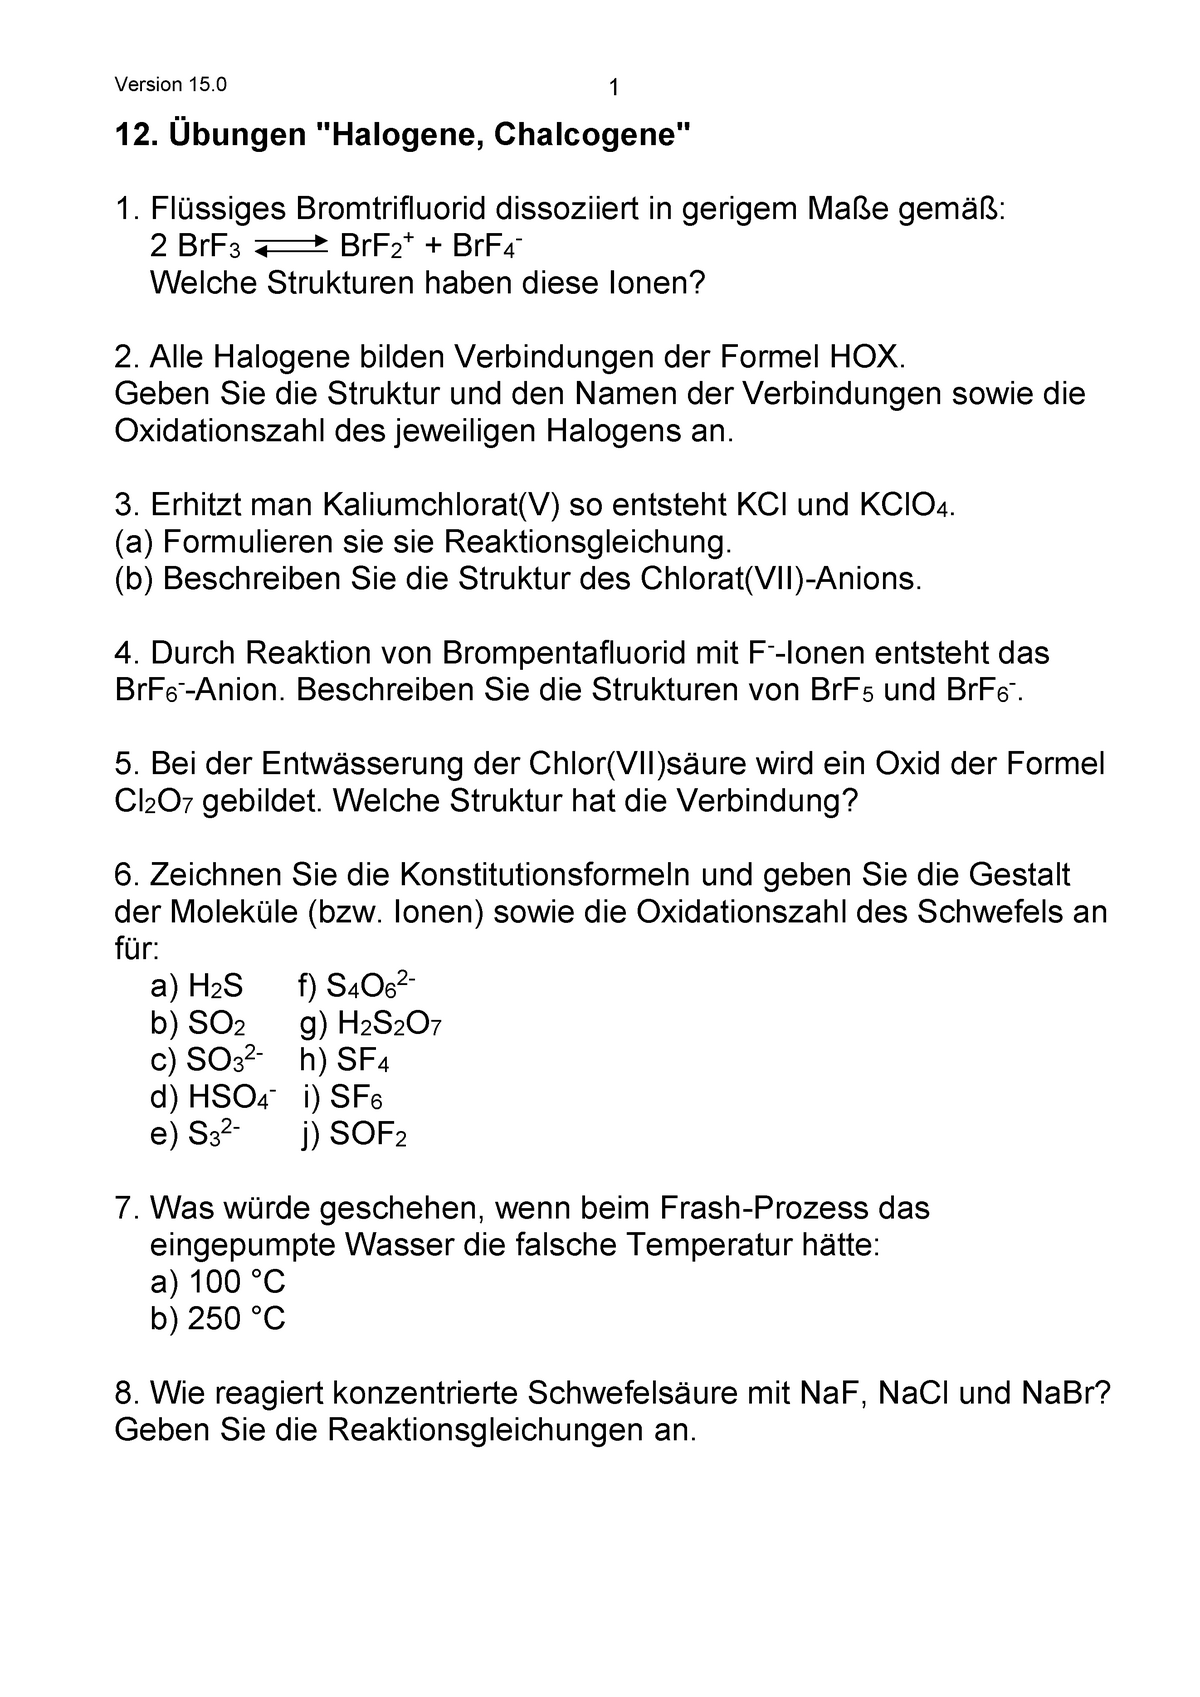 Praktisch 12 übungen Halogene Chalcogene Ac1 Lmu